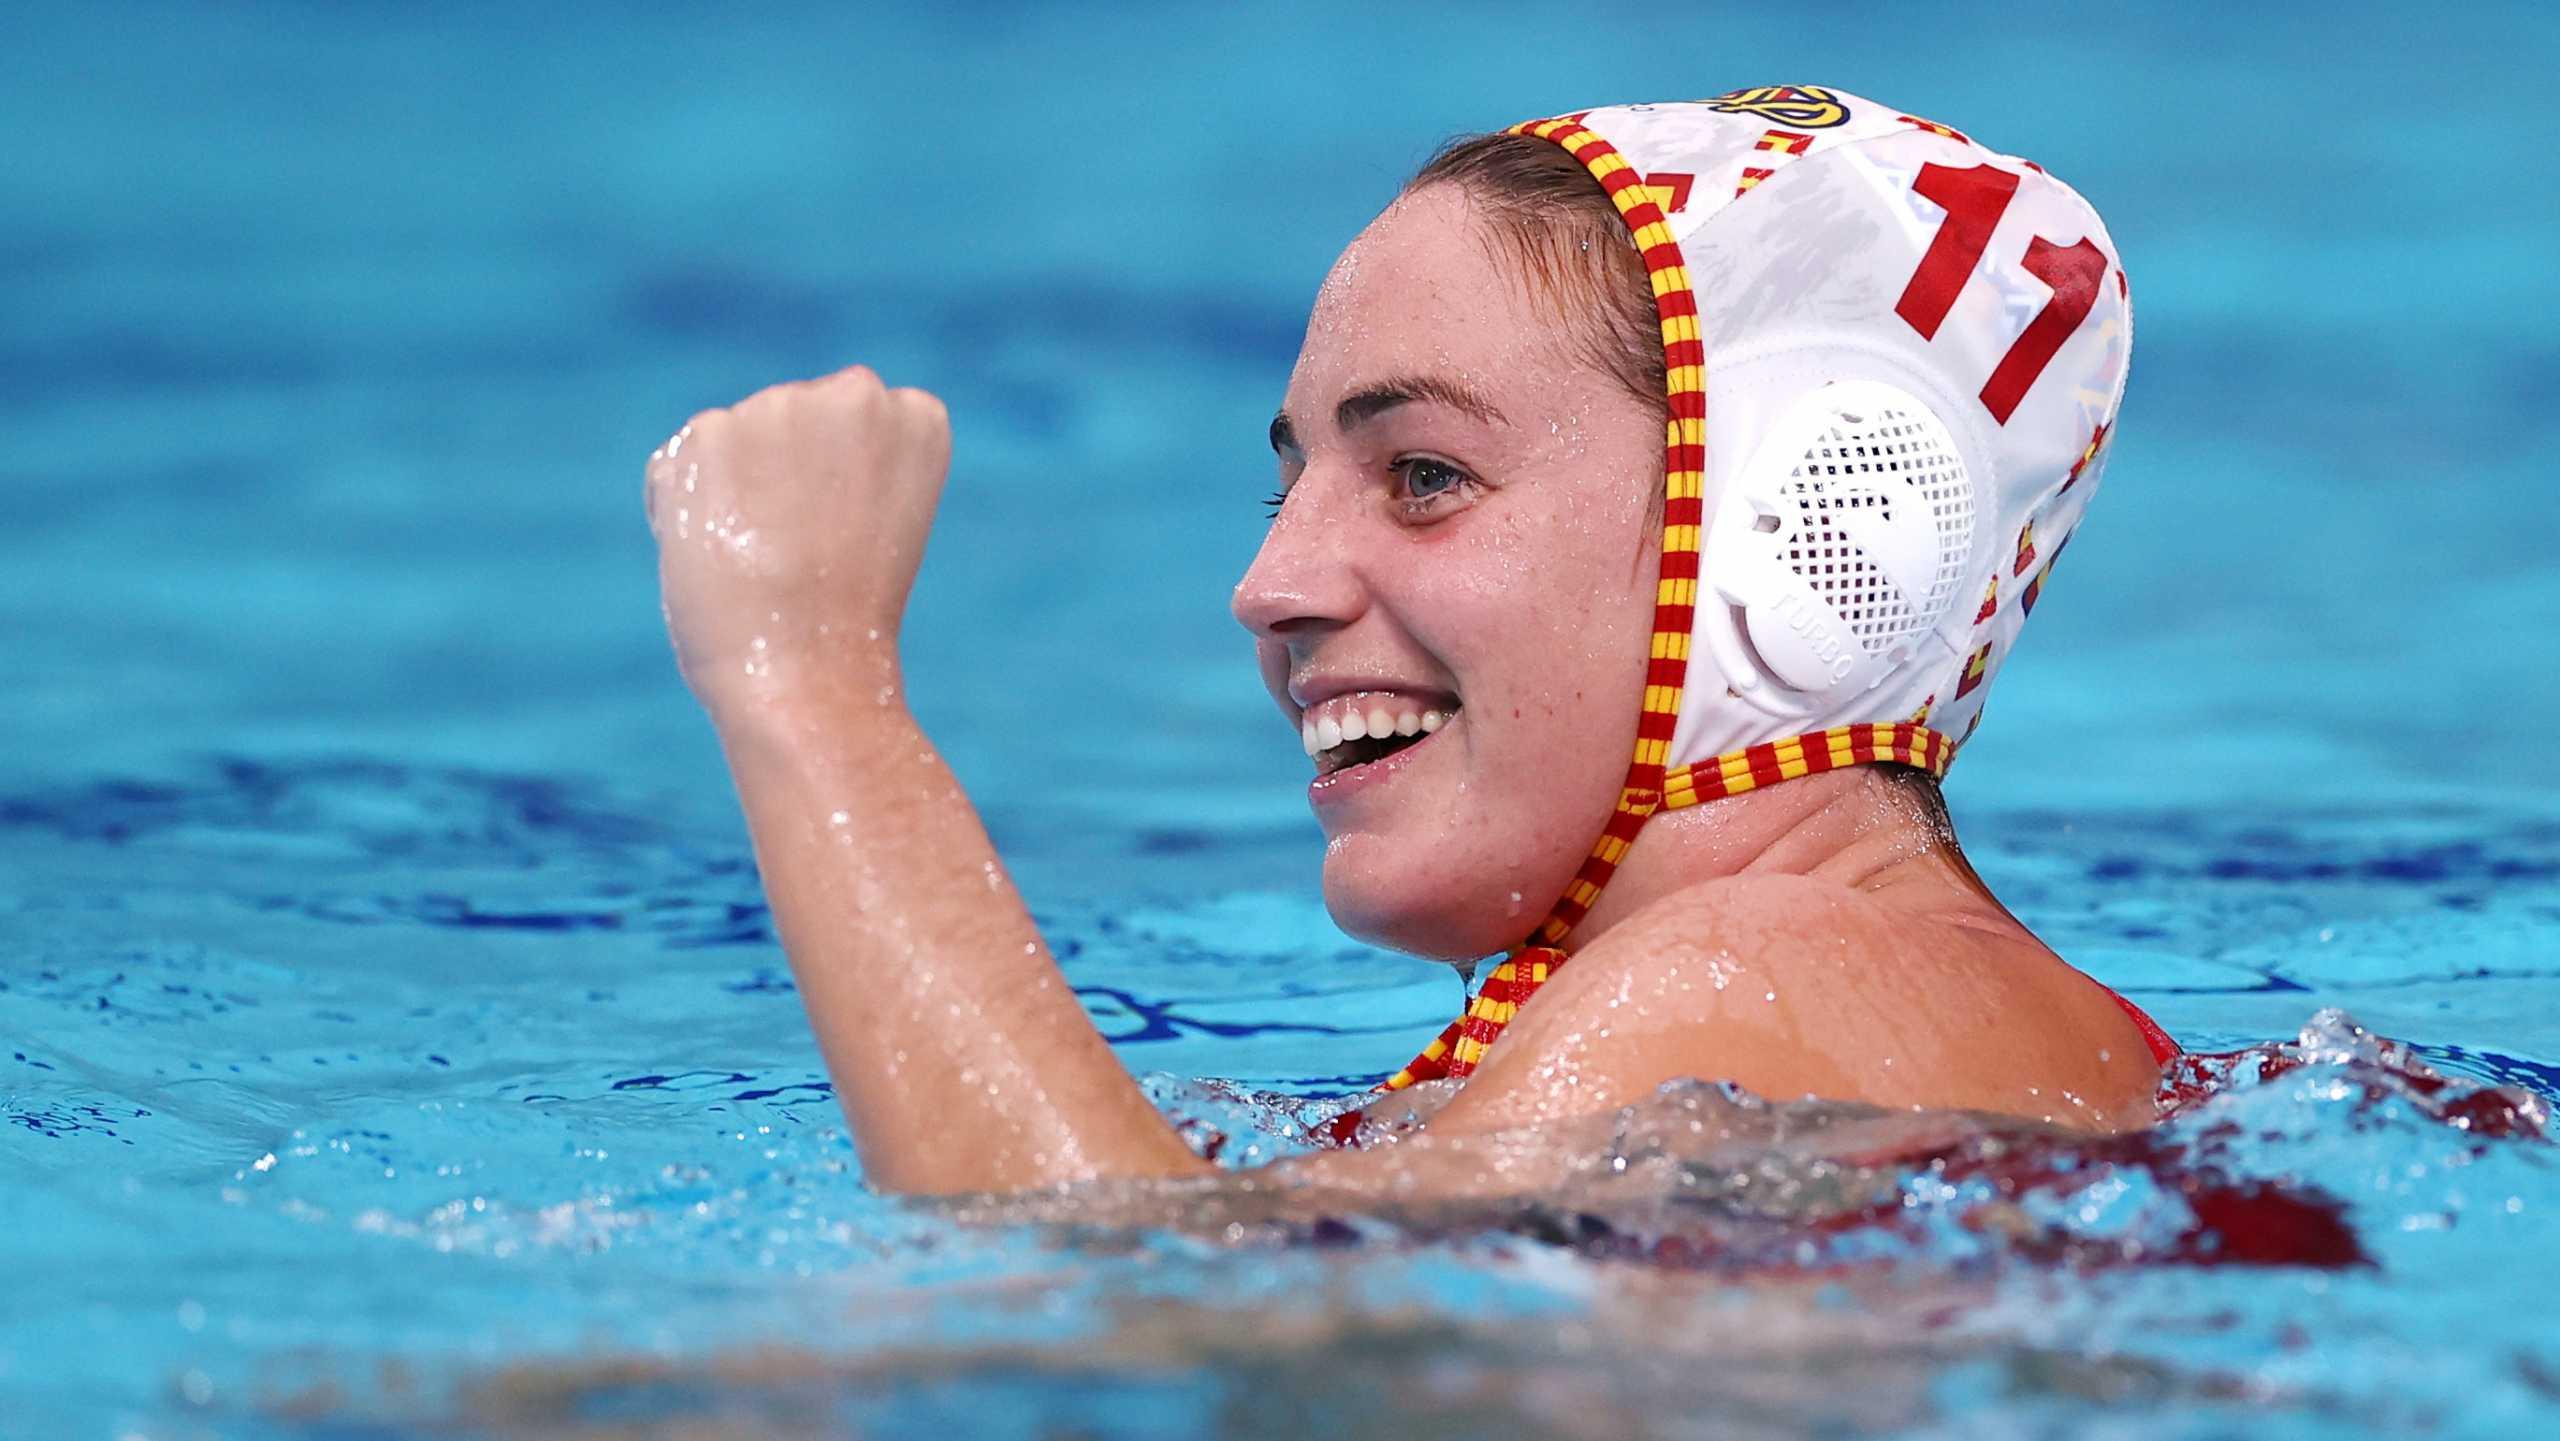 Ισπανία – ΗΠΑ ο τελικός του πόλο γυναικών στους Ολυμπιακούς Αγώνες